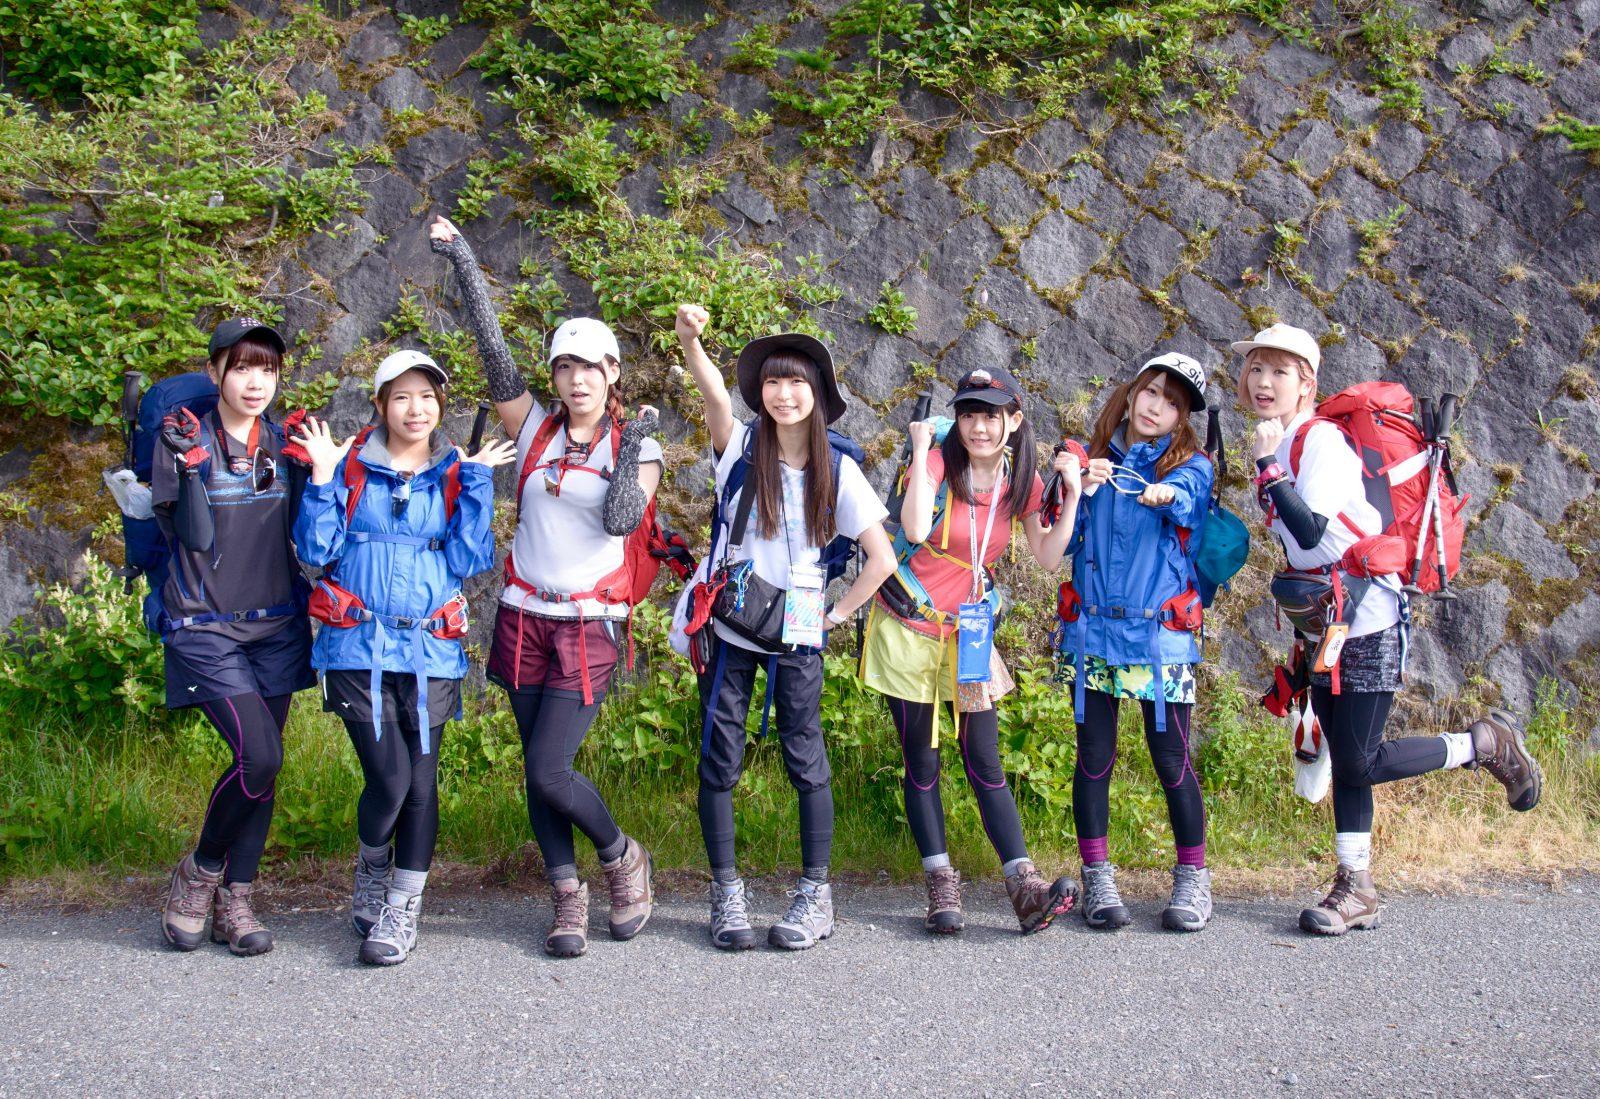 「山の日」施行記念 アイドル「2016 富士山女子登山部」の日本最高峰挑戦(前編)